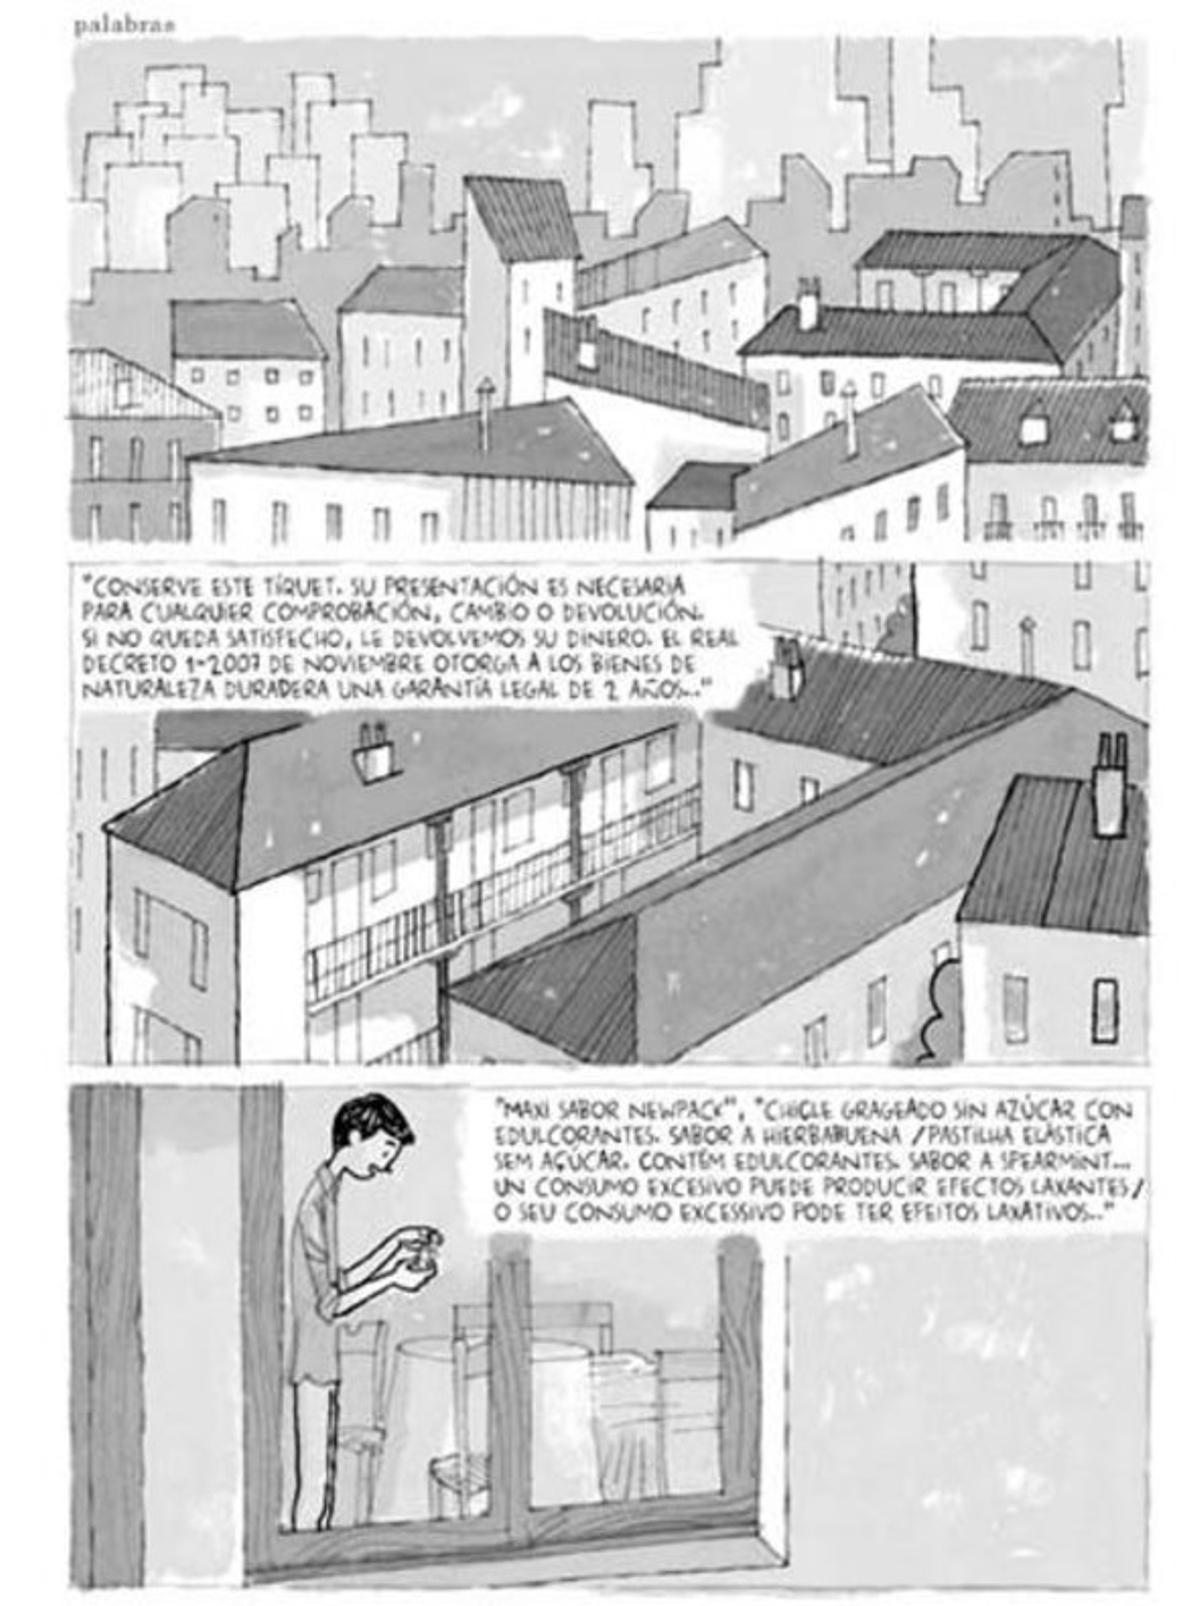 Página de Juan Berrio, en el número 1 de la revista de cómic 'La resistencia'.